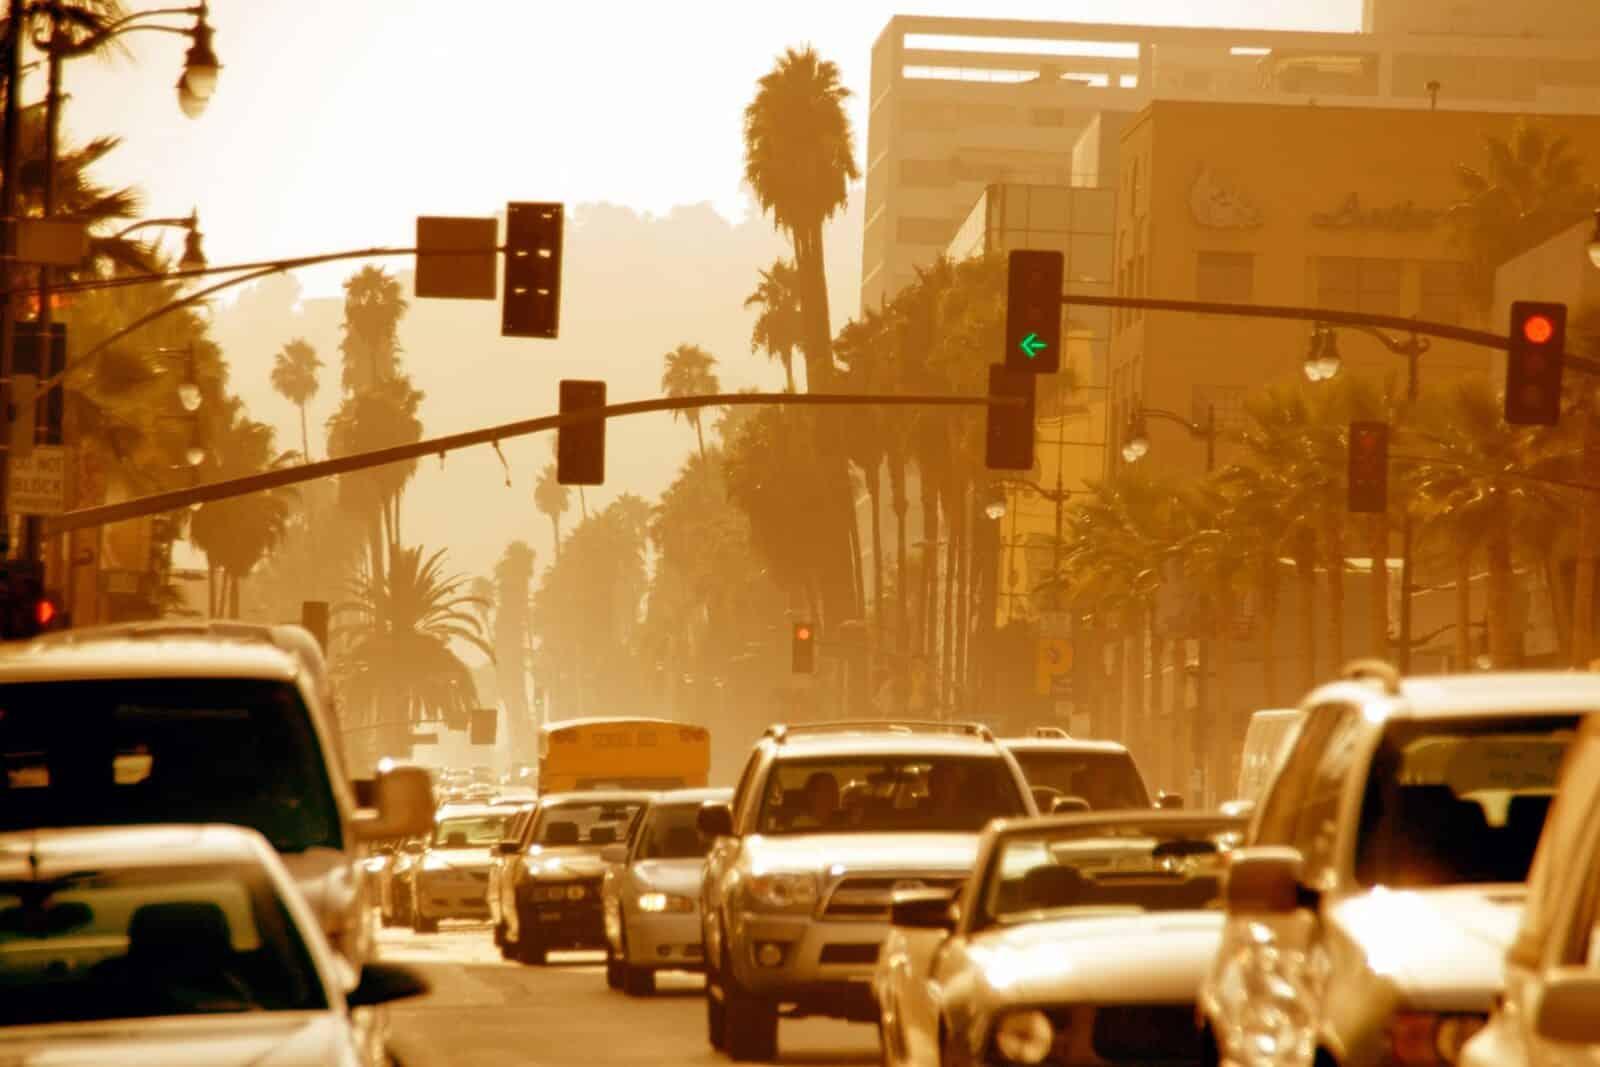 المدن الأمريكية غير الصحية للهواء الملوث